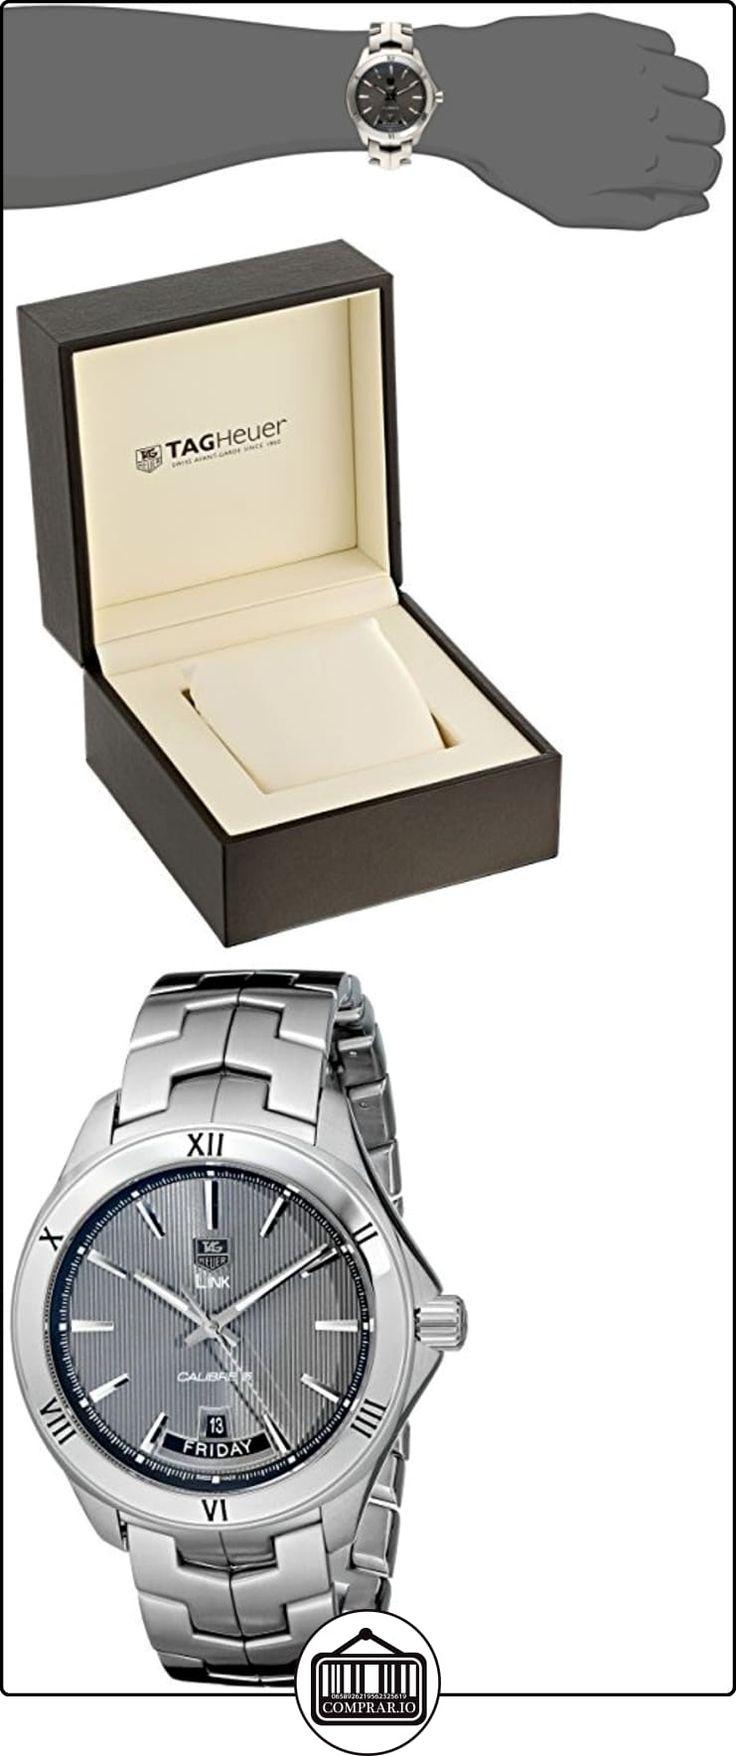 Tag Heuer pulsera de acero de 42mm para hombre & Case automático Gris Dial analógico reloj WAT2015. BA0951  ✿ Relojes para hombre - (Lujo) ✿